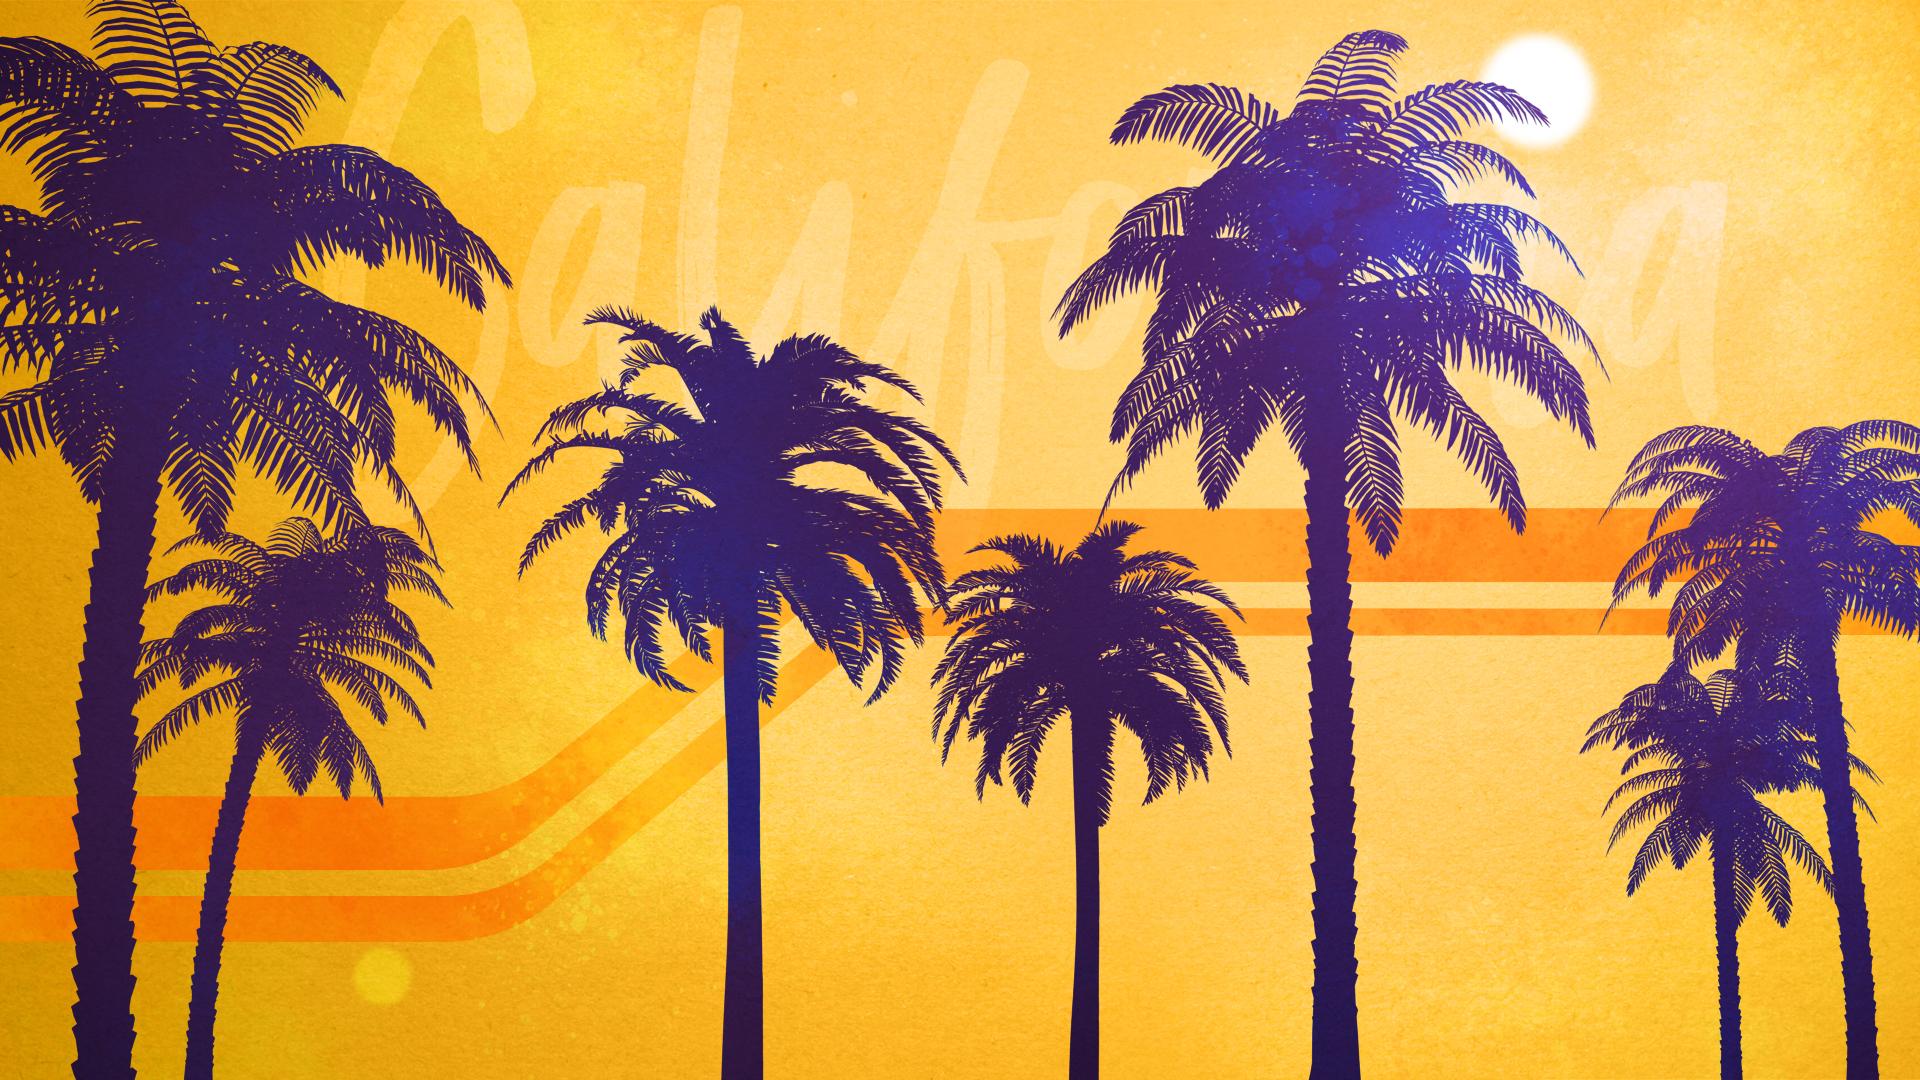 LakersOpen_Frame03_V002.jpg